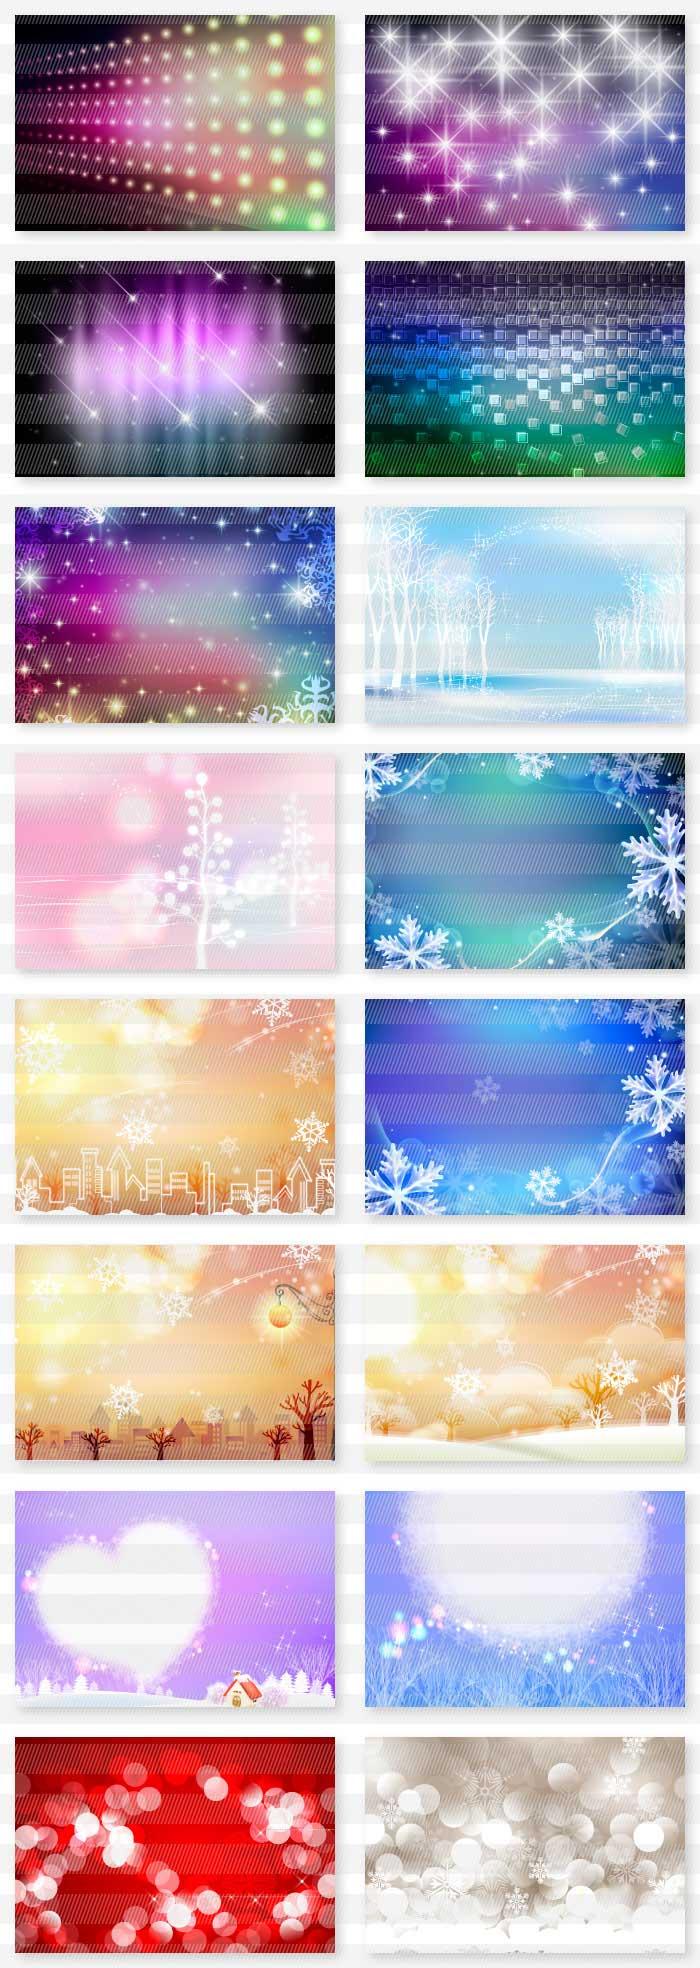 冬・雪のイラストはがき|イラストレーター素材(ai・eps・商用可能)